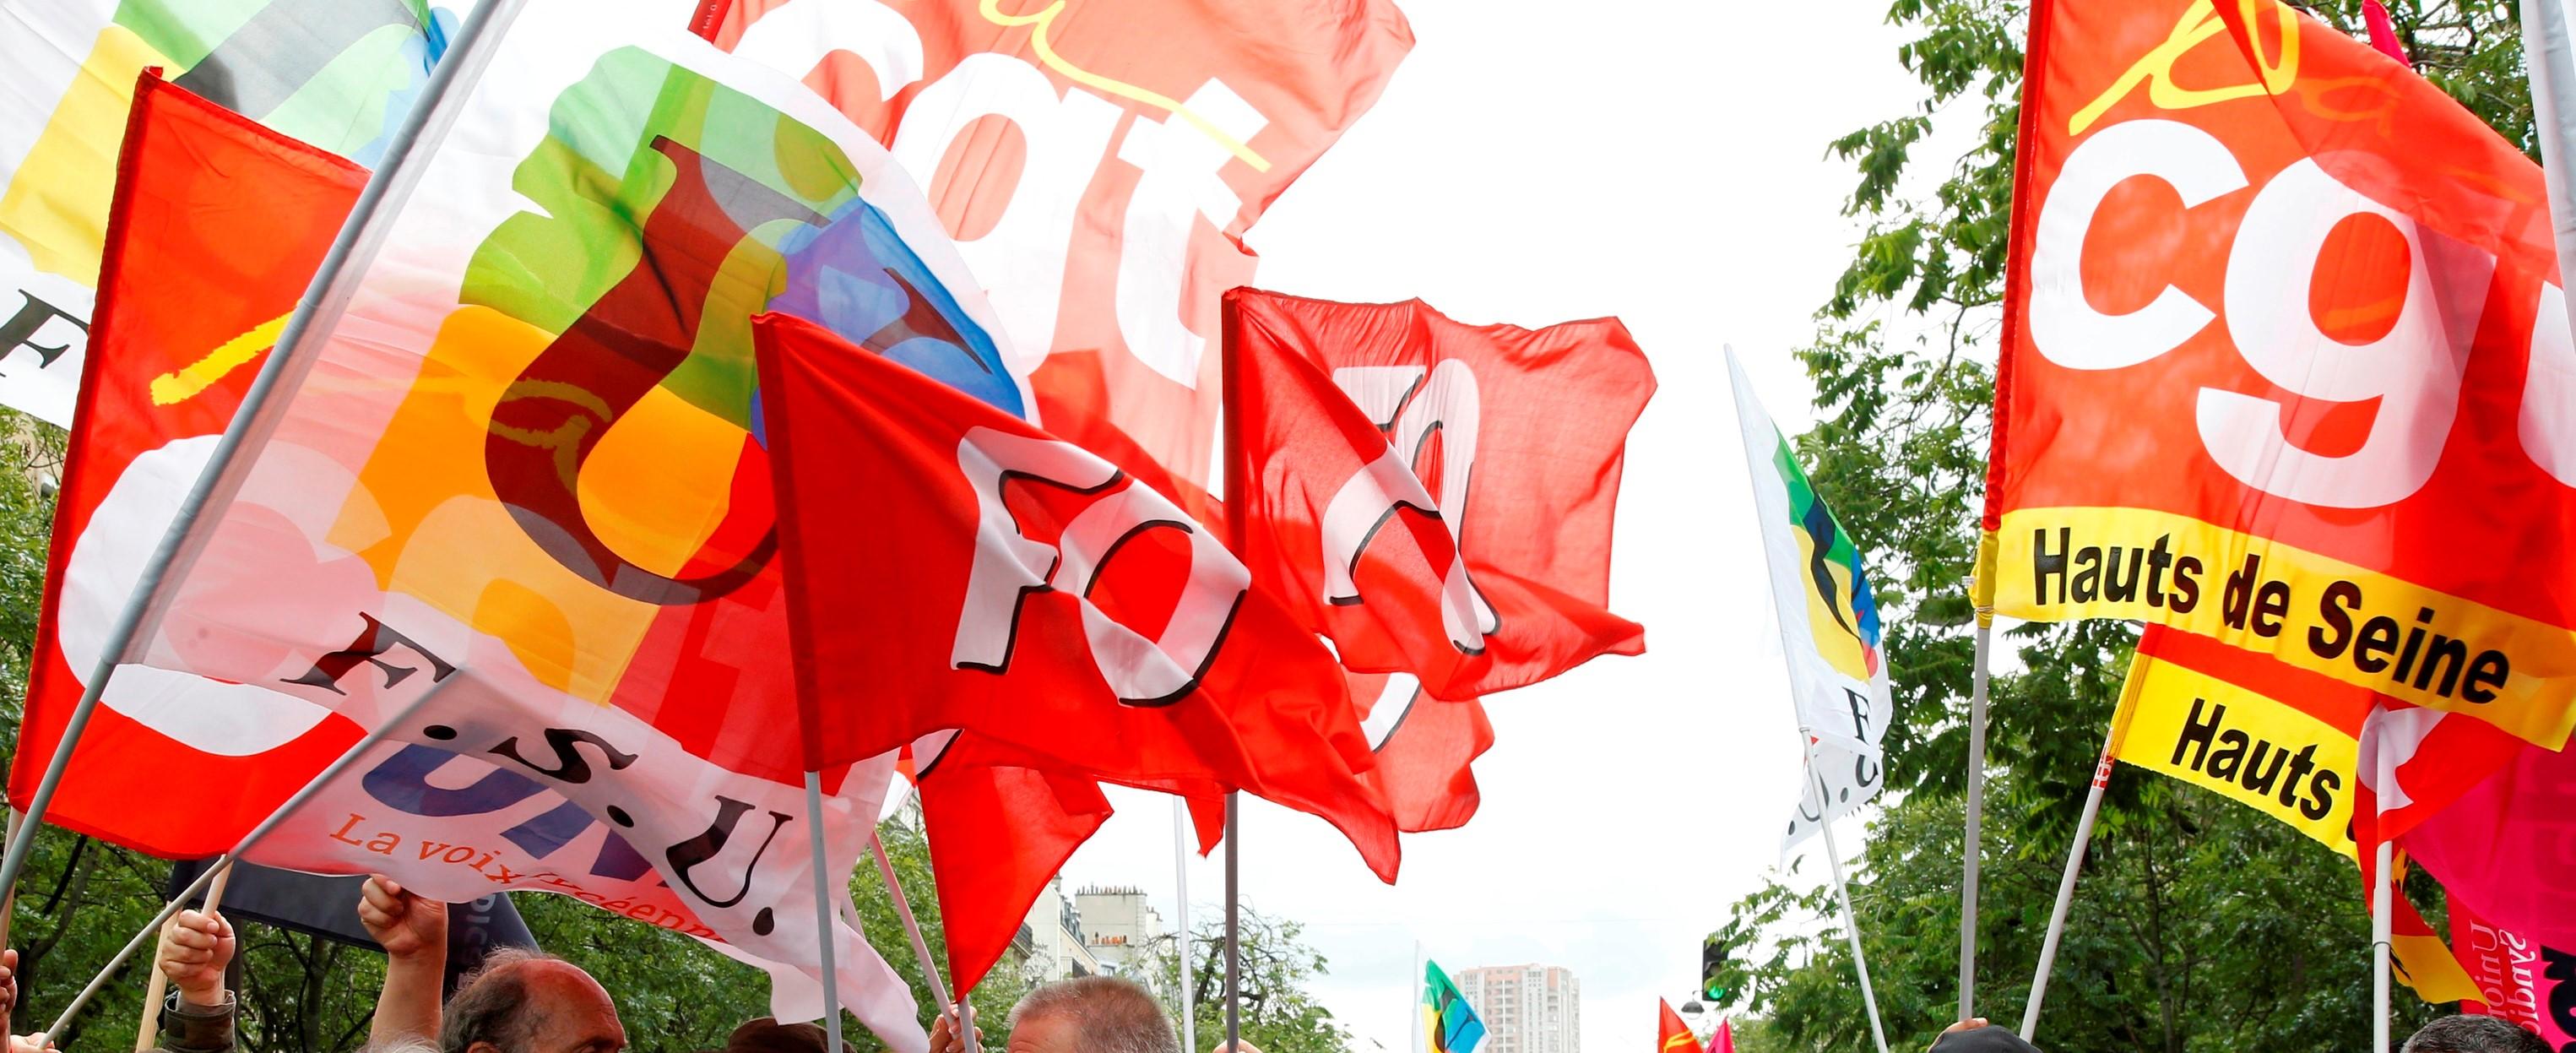 cdc6160907b Les élections syndicales dans les TPE  un enjeu majeur